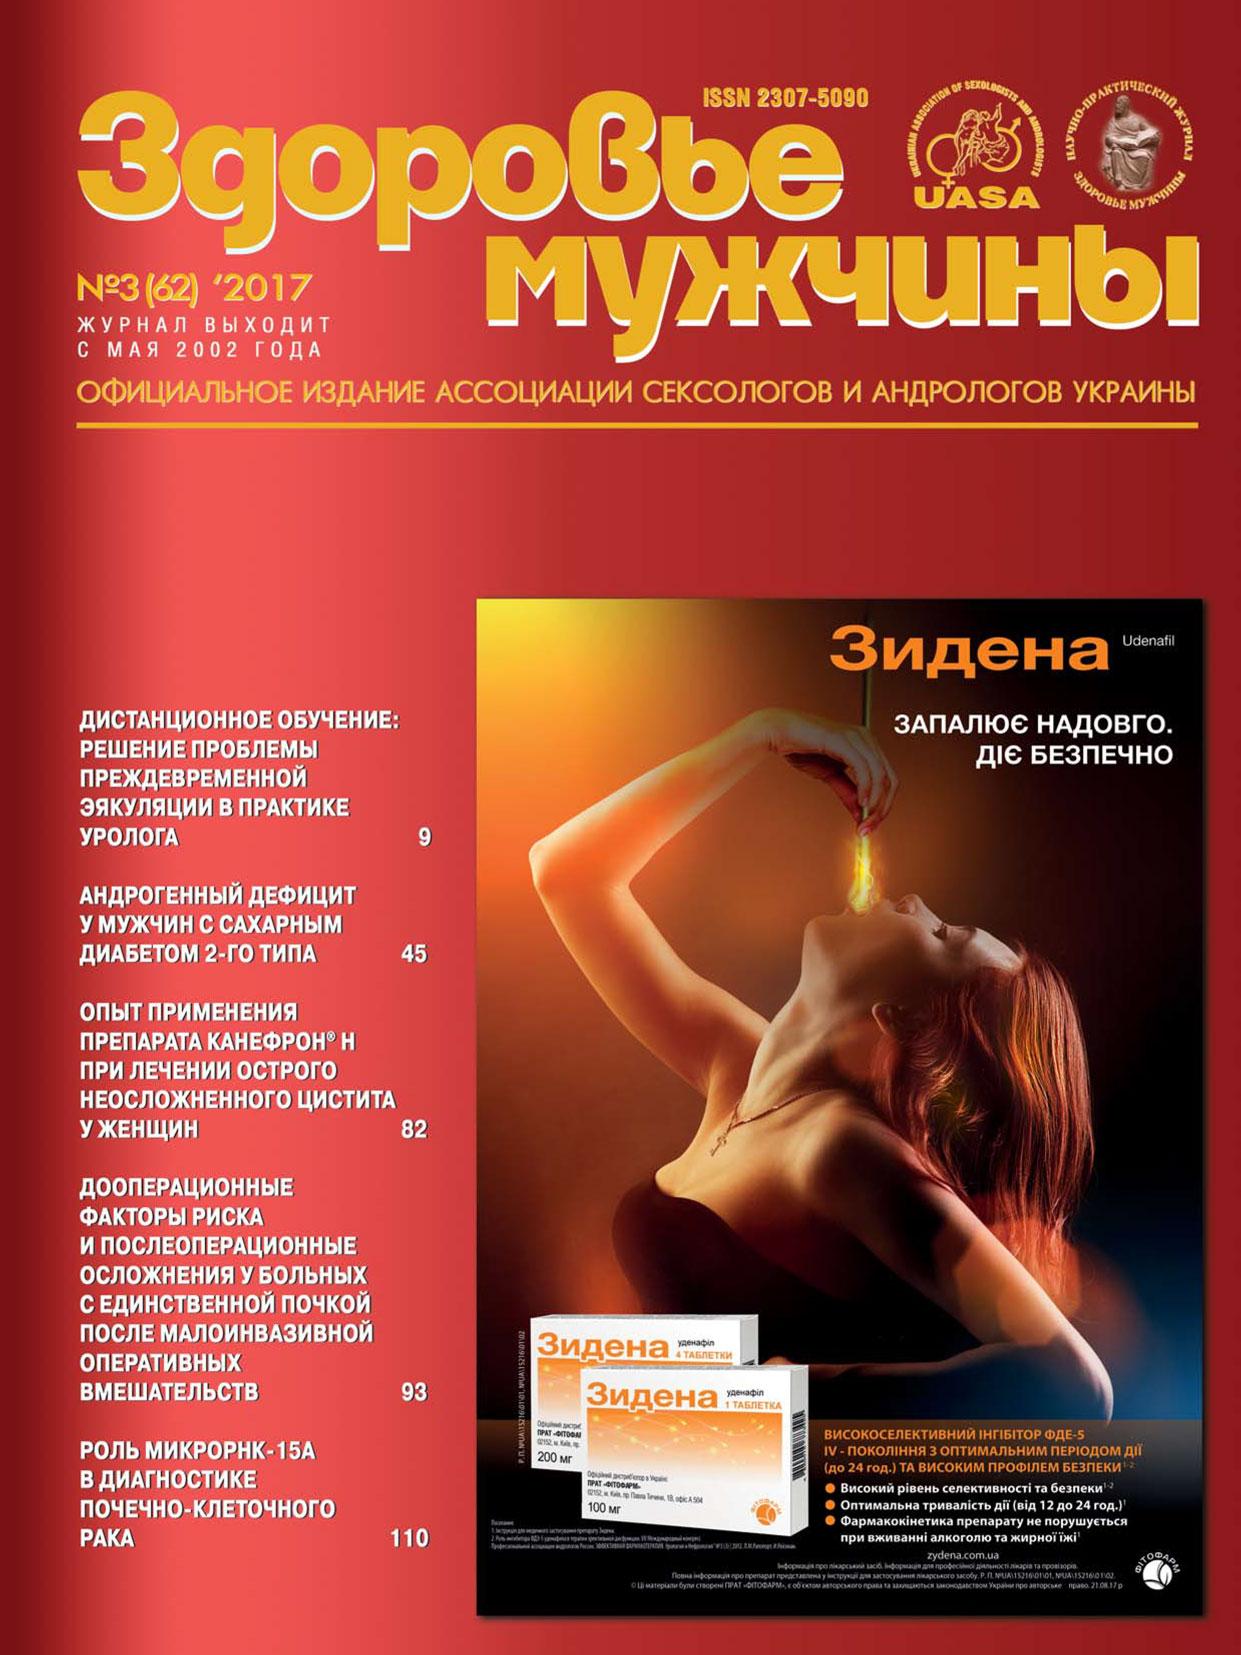 Ассоциация сексологов и андрологов украины